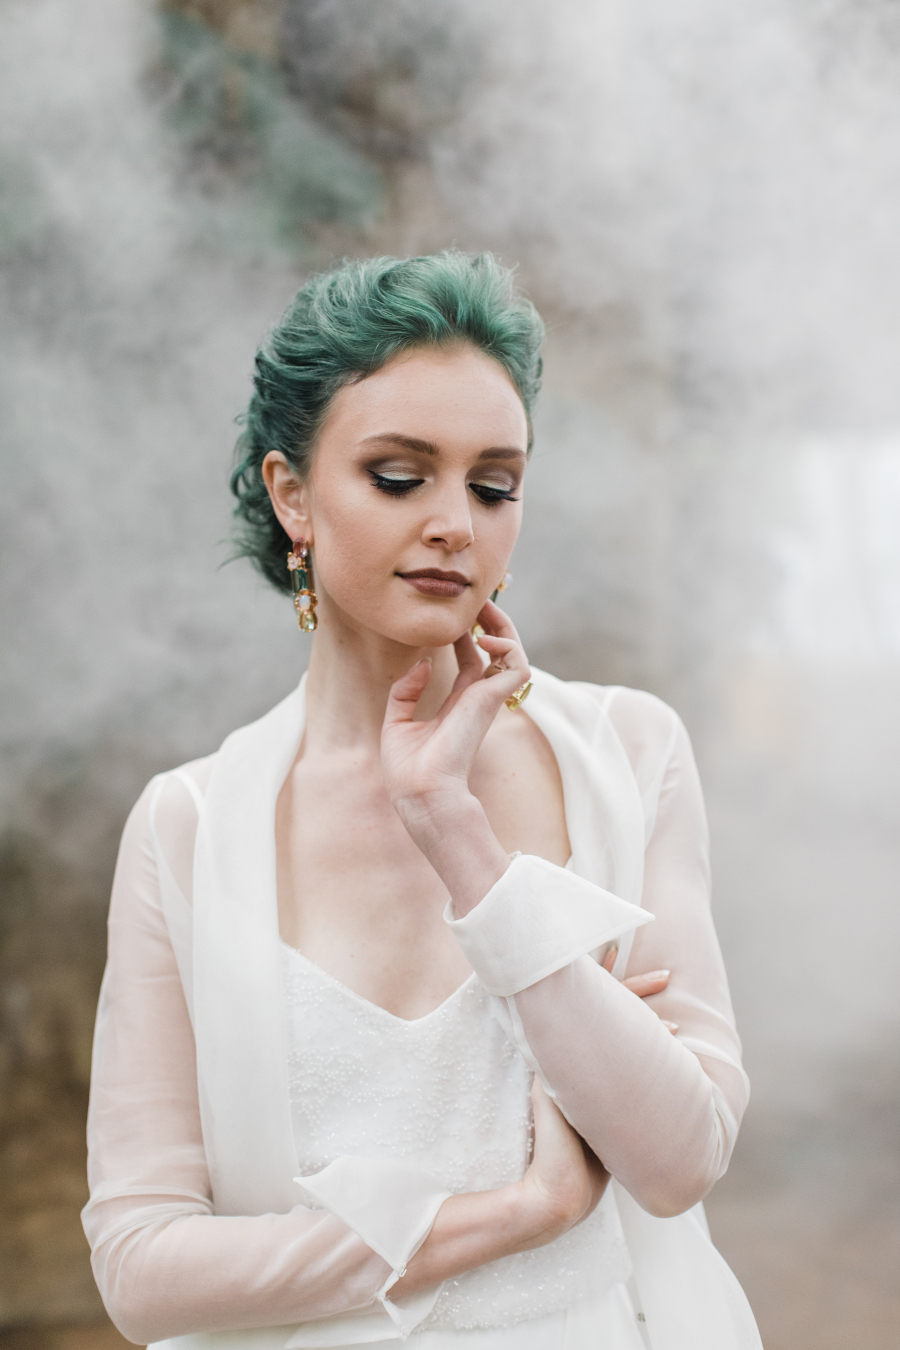 dallas wedding makeup artist hair updo b